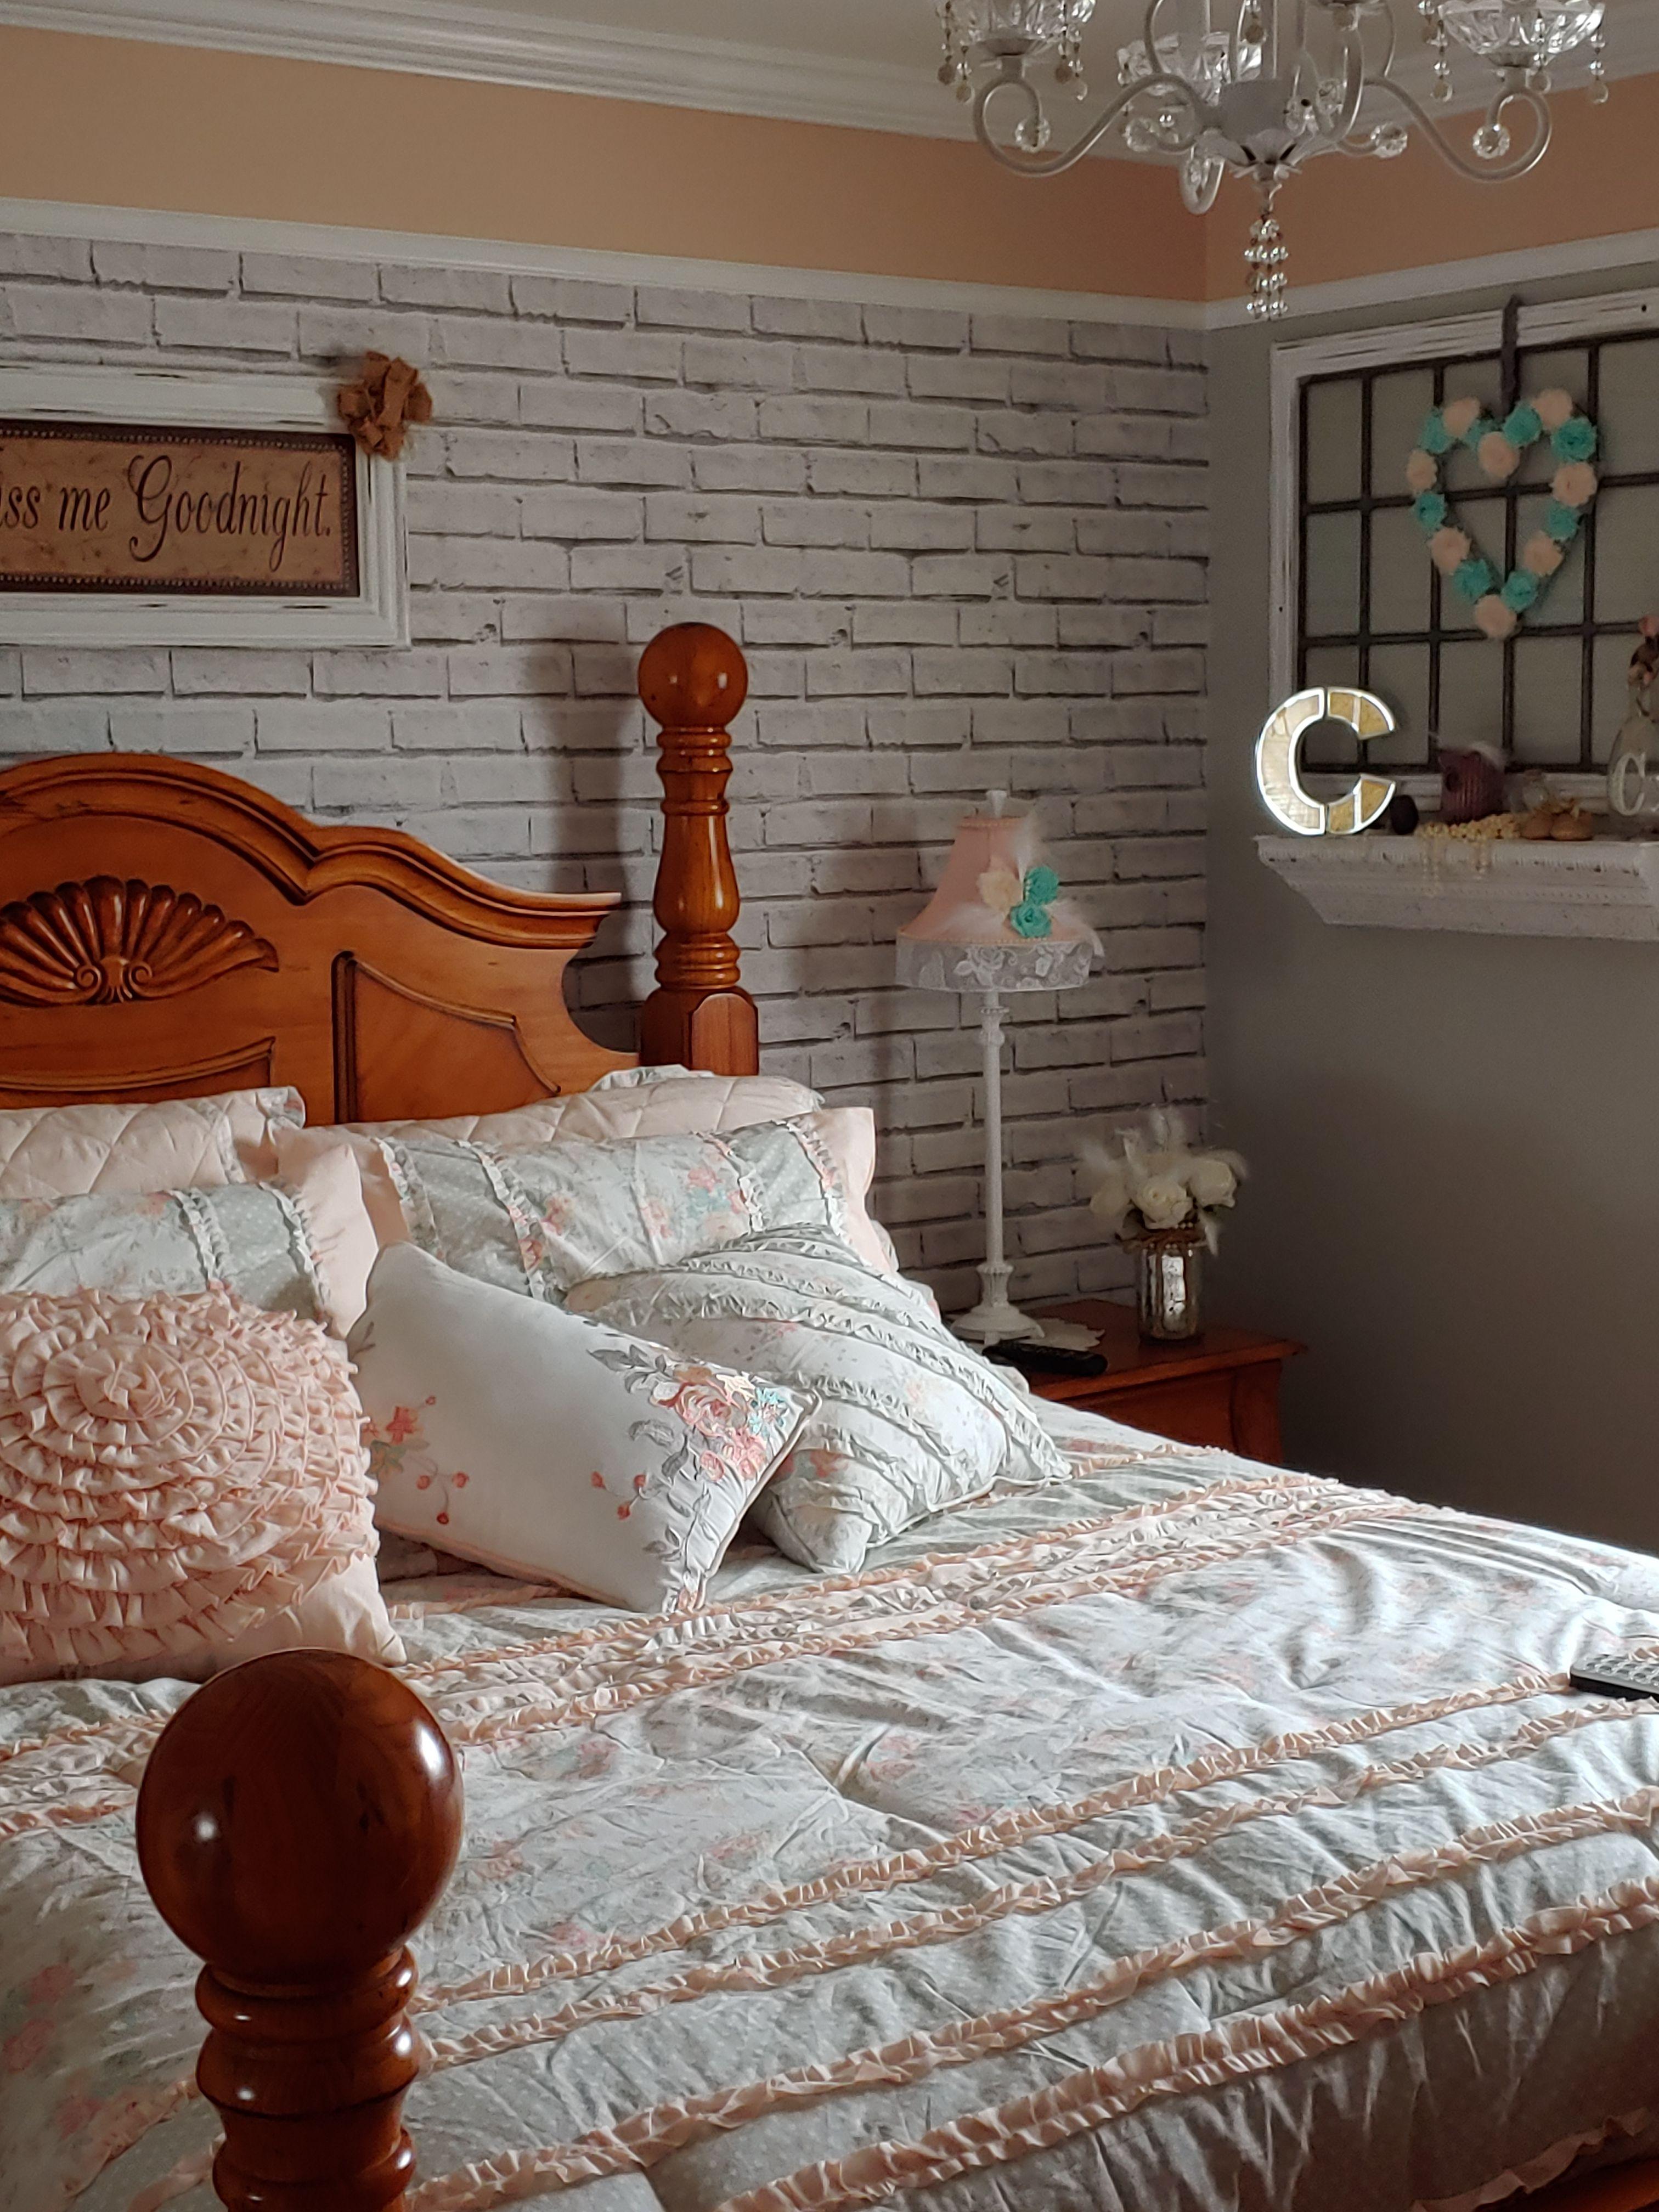 pinsusie carr on bedroom diy  bedroom diy furniture